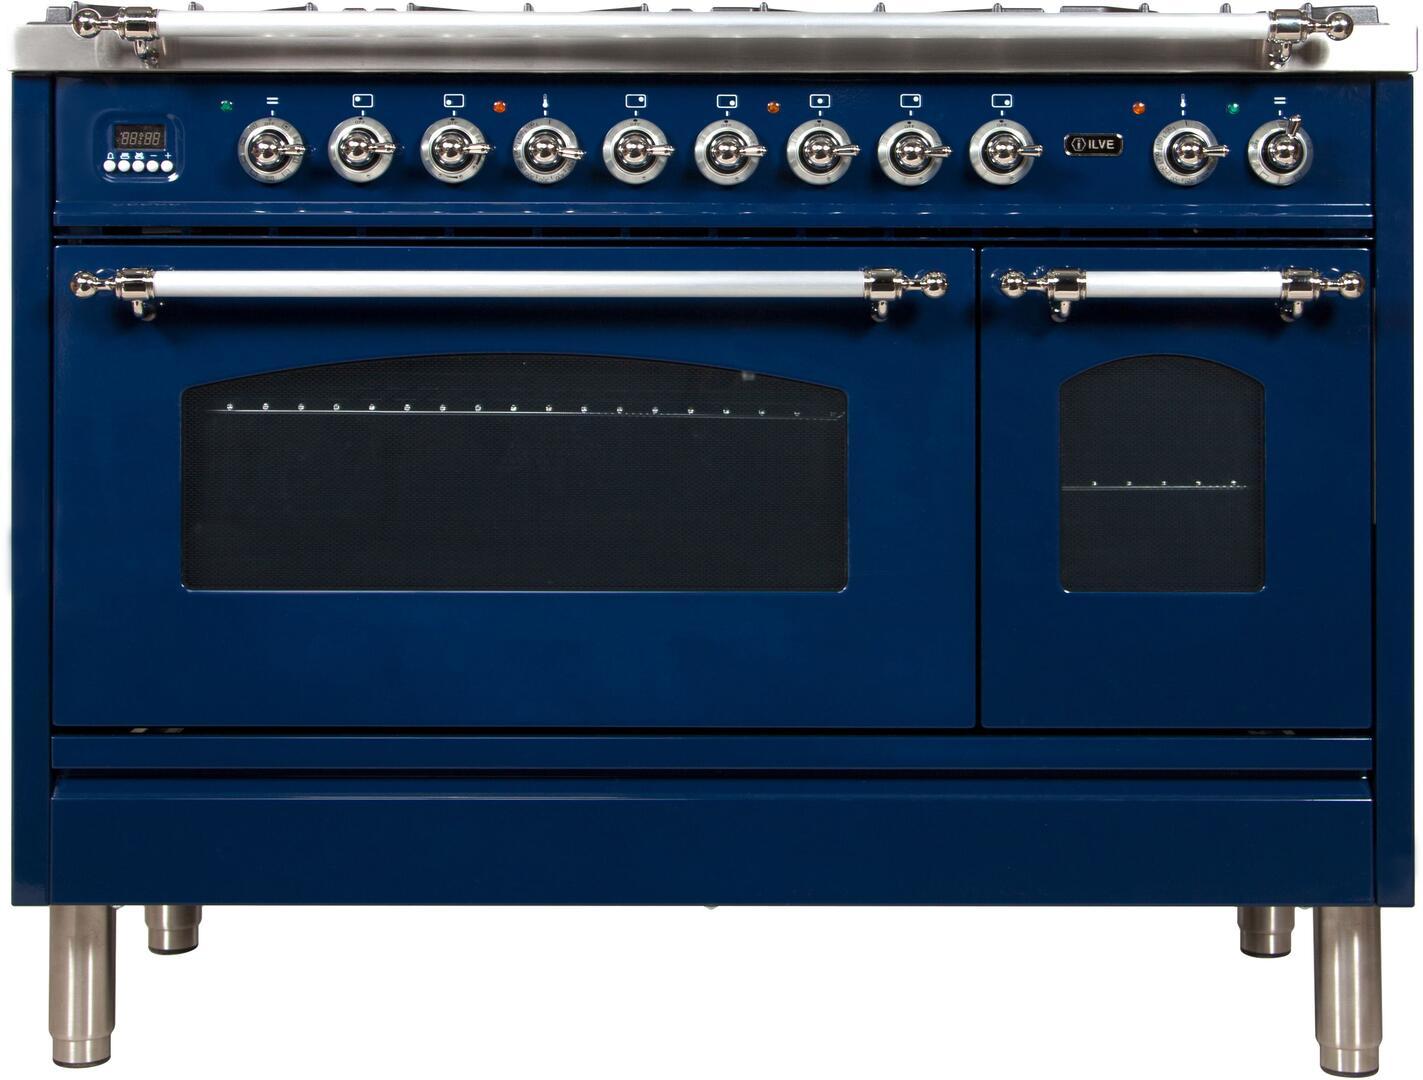 Ilve Nostalgie UPN120FDMPBLX Freestanding Dual Fuel Range Blue, UPN120FDMPBLX Front View